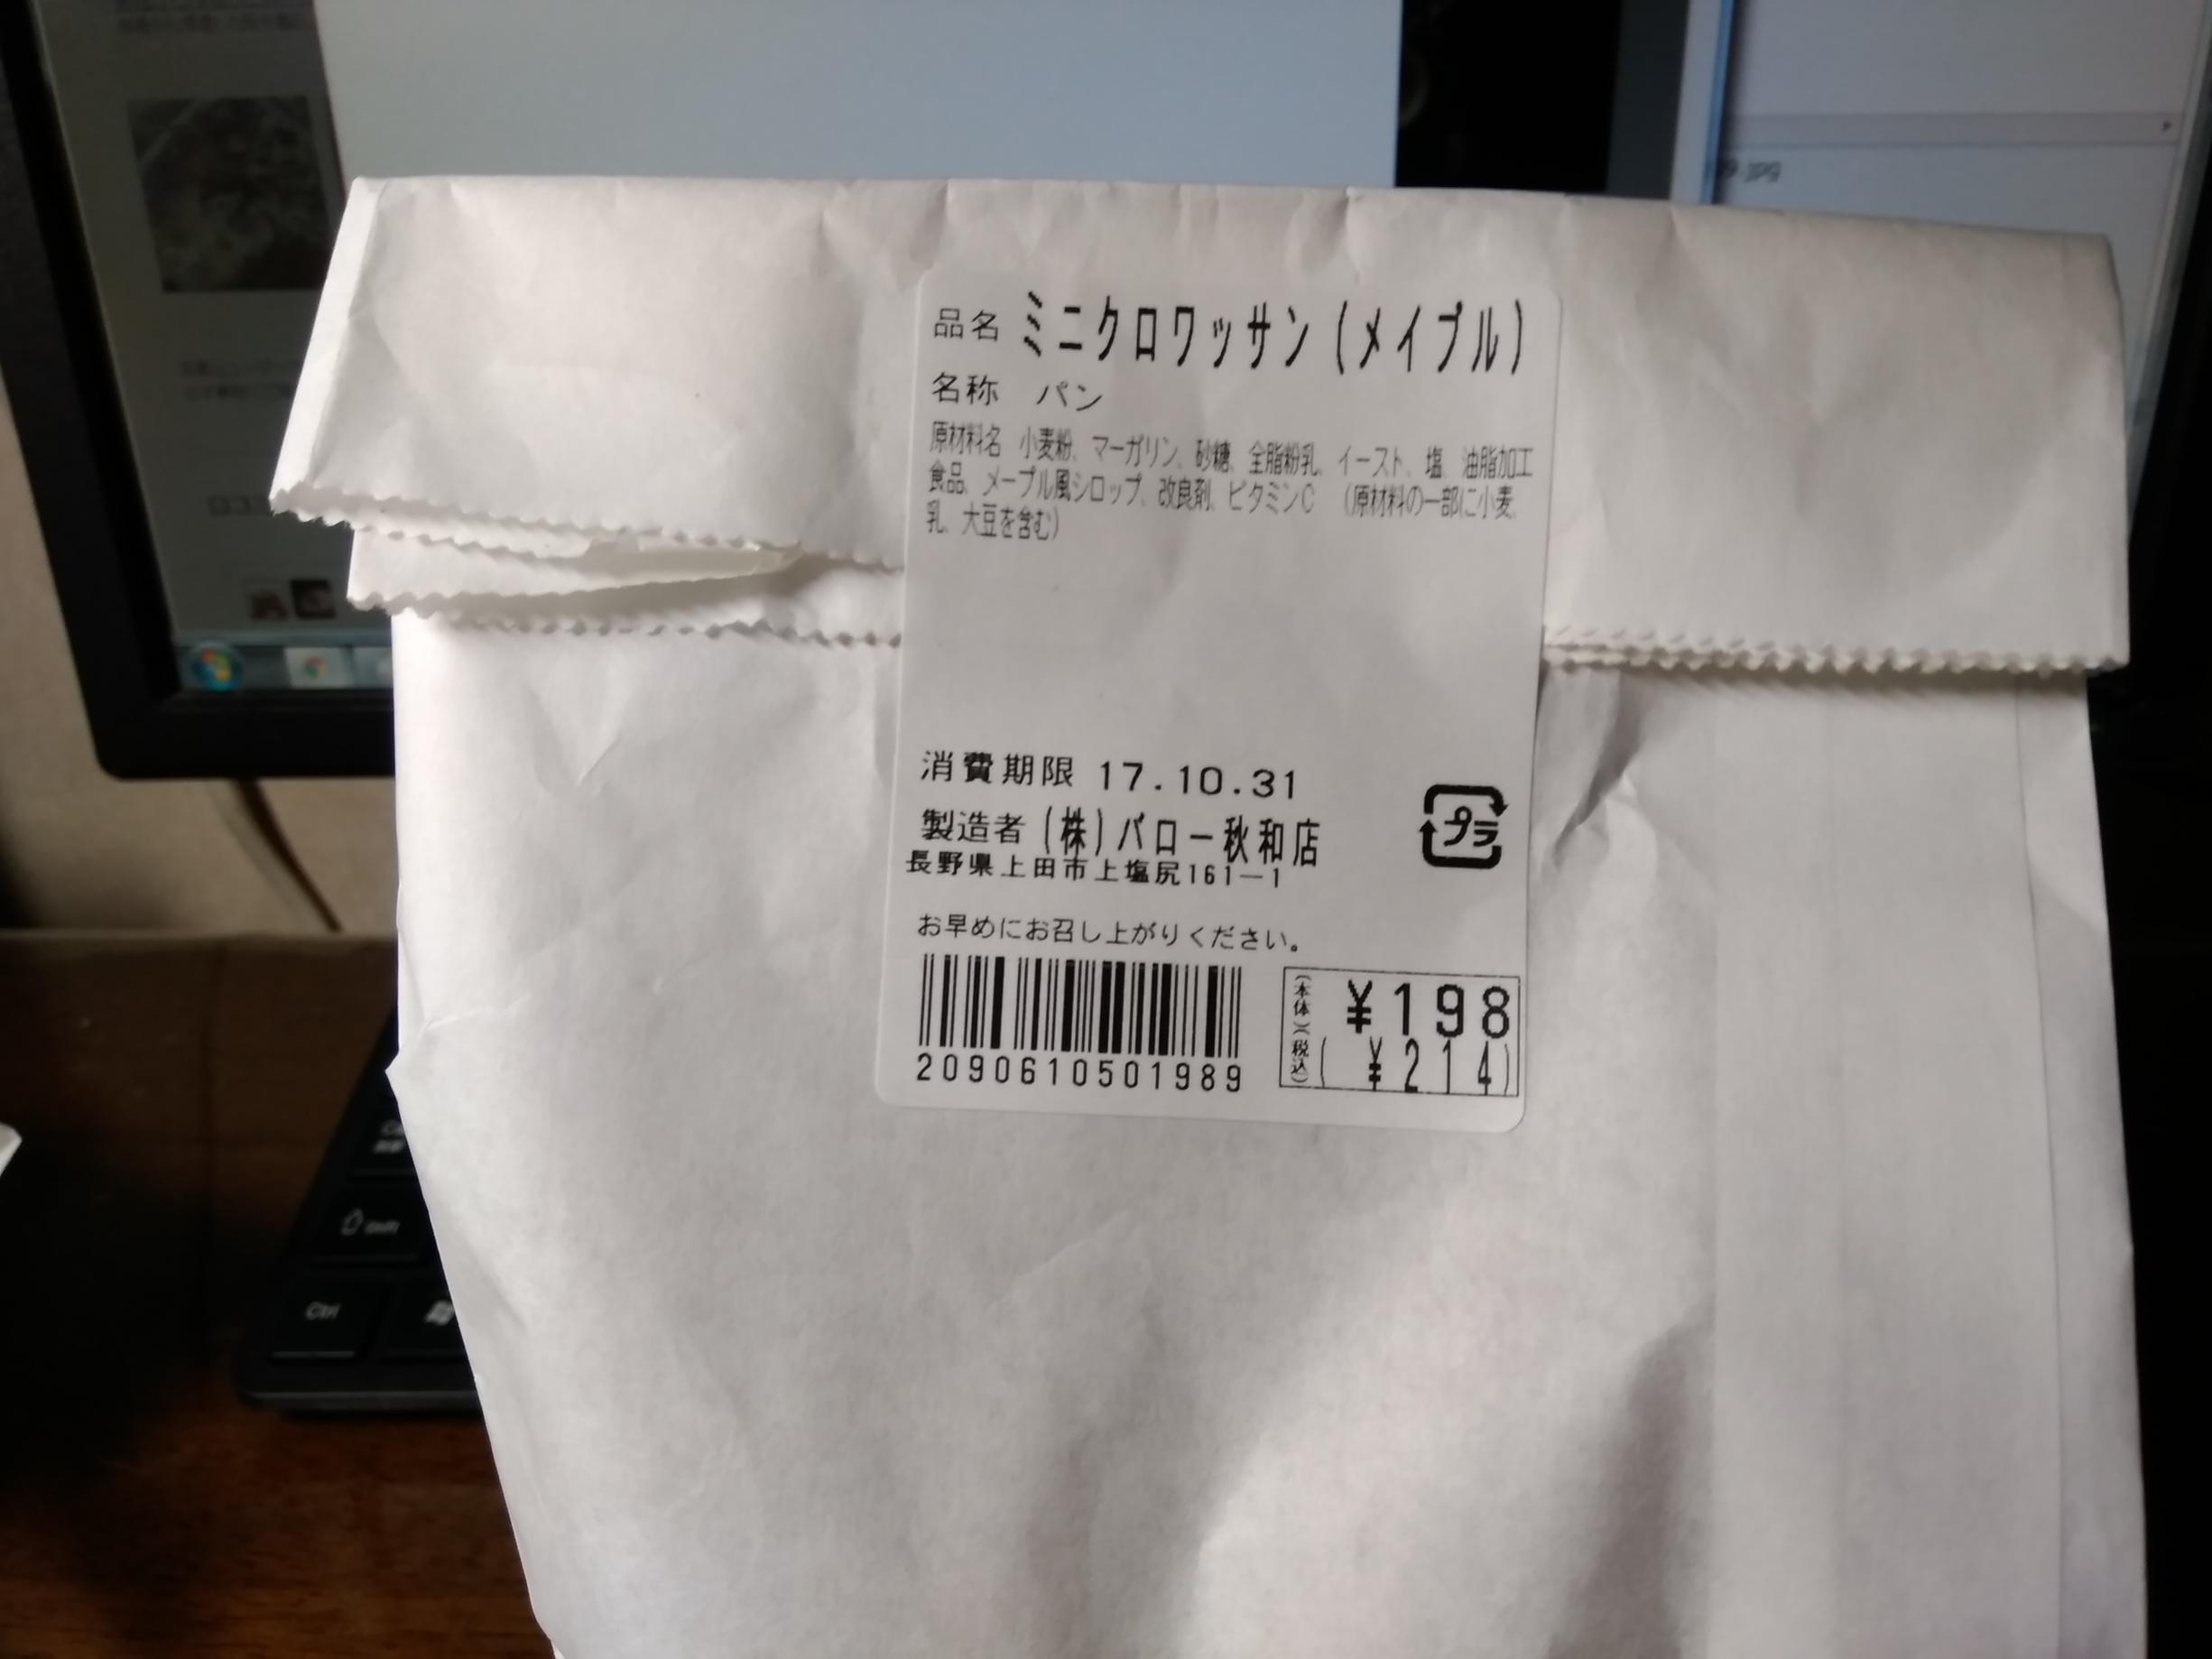 北欧倶楽部 バロー秋和店 name=